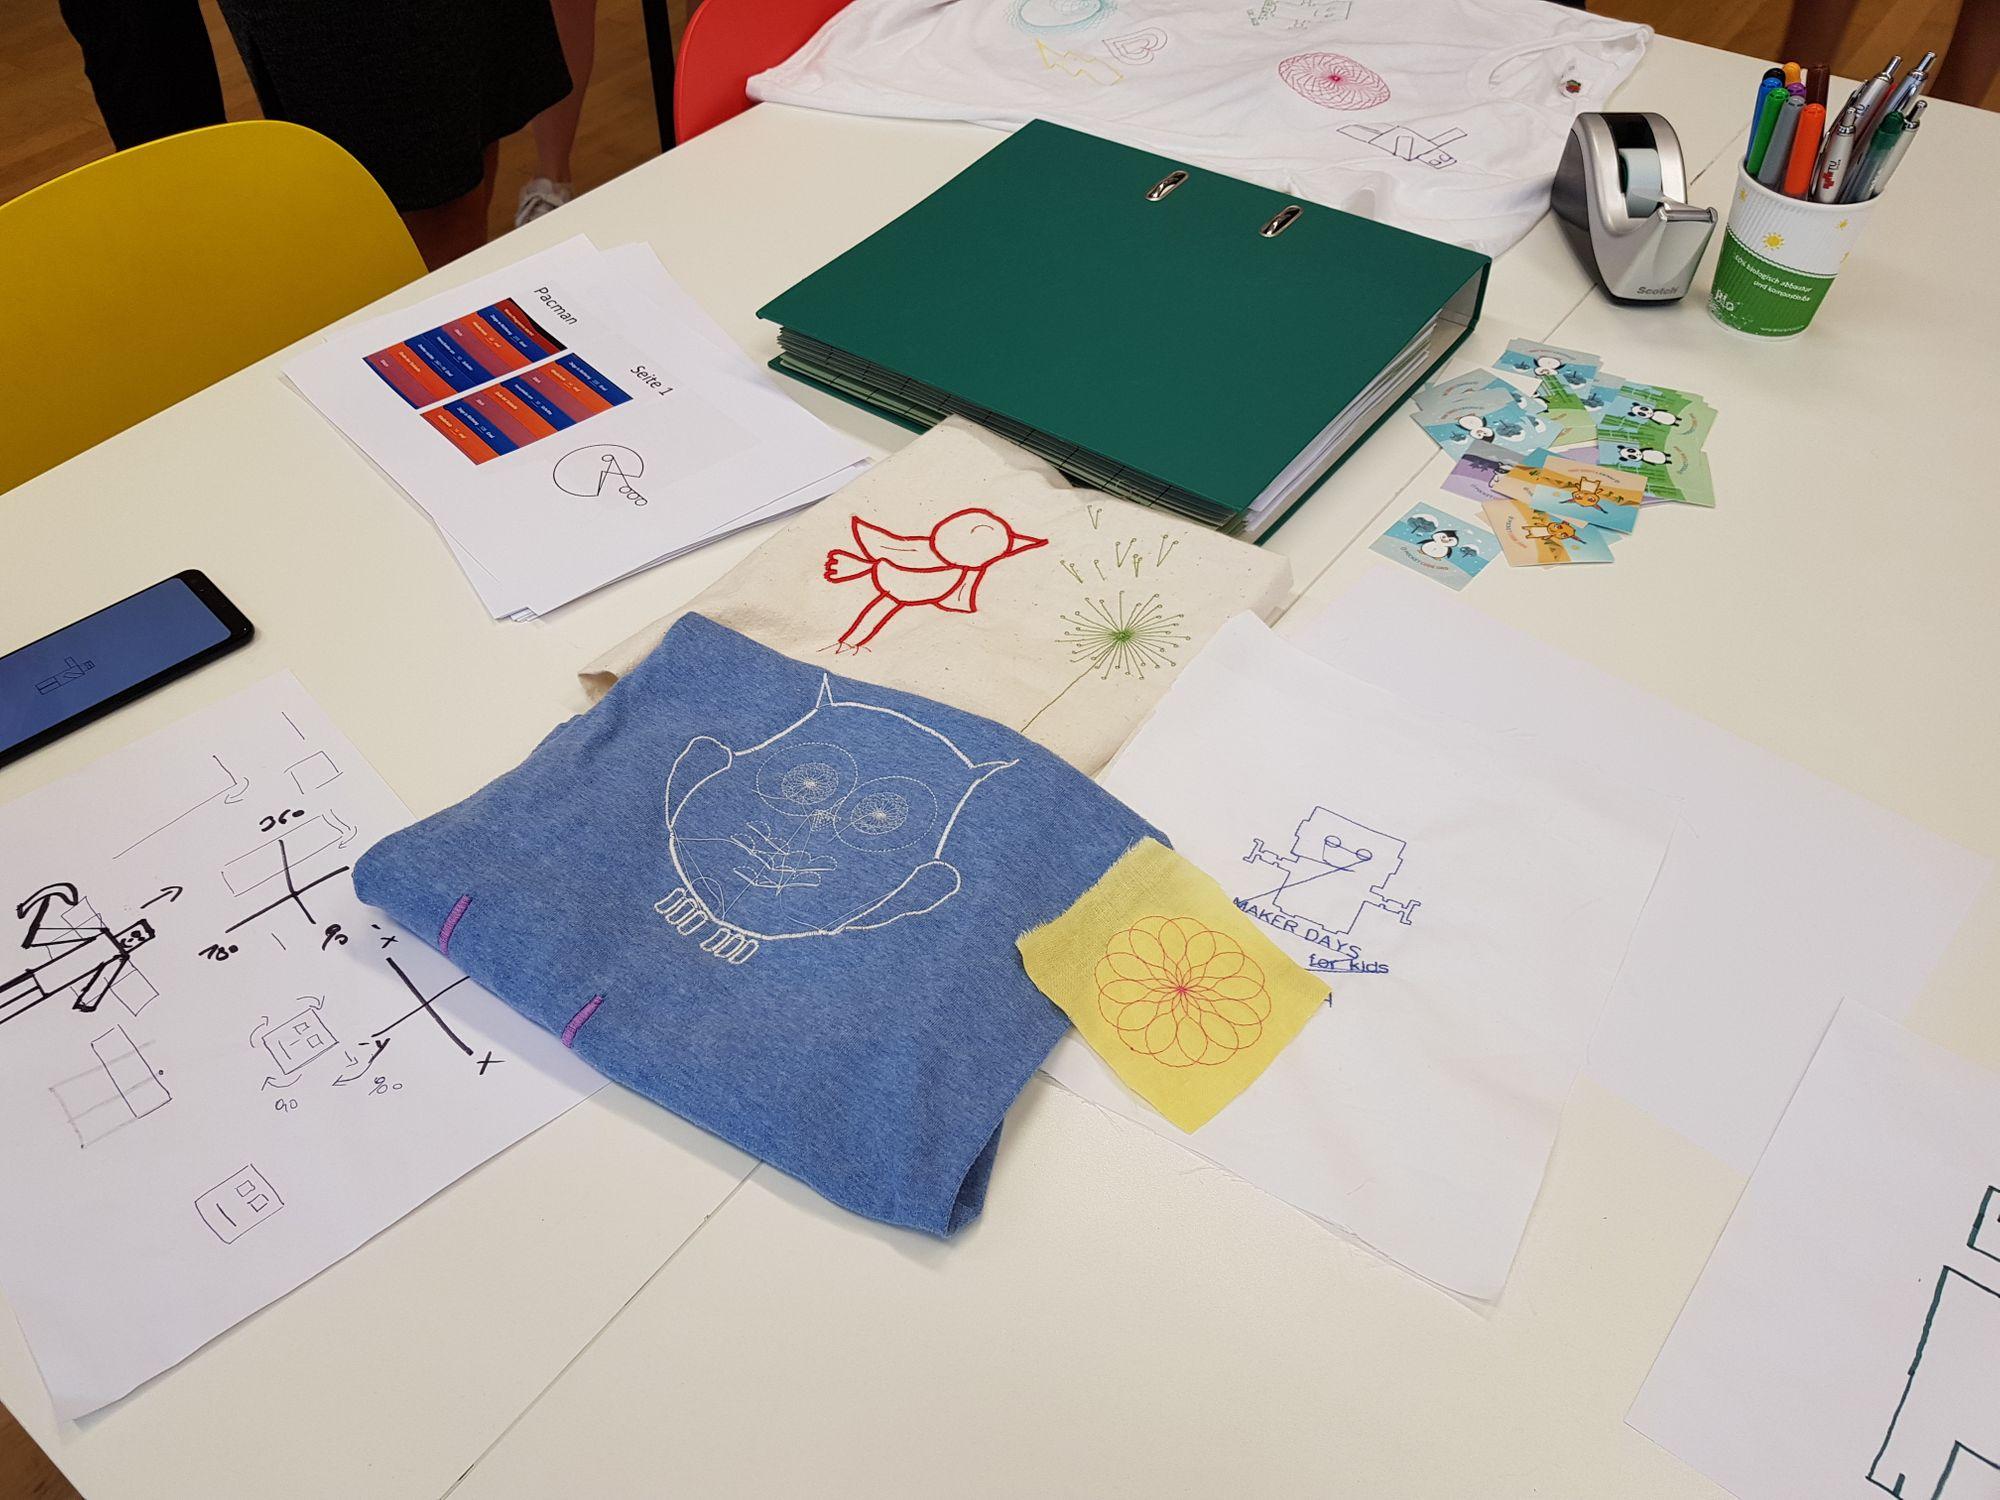 Ausgewählte Stickereiarbeiten und Skizzen auf dem Tisch.